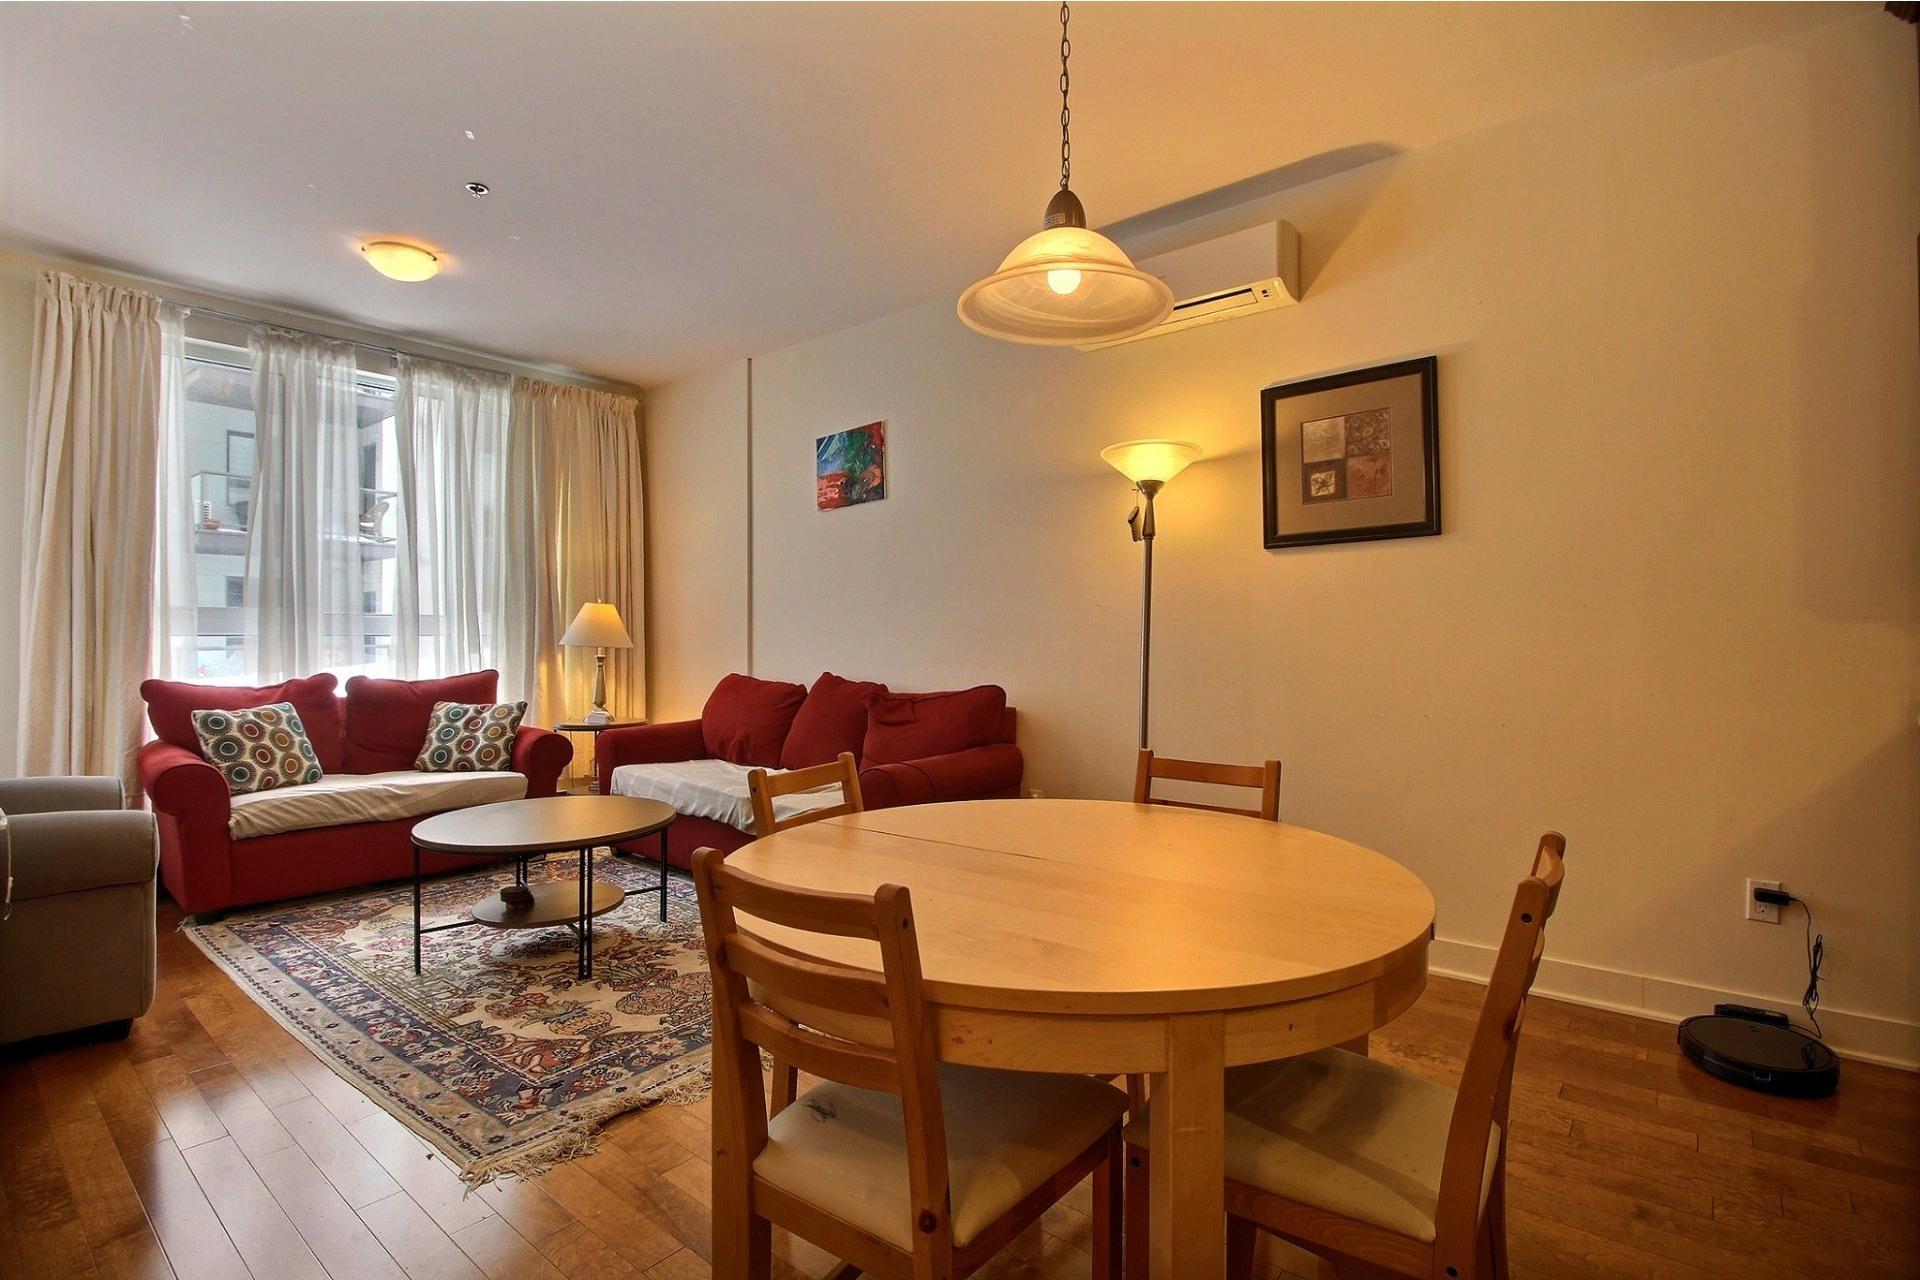 image 8 - Appartement À louer Rivière-des-Prairies/Pointe-aux-Trembles Montréal  - 6 pièces